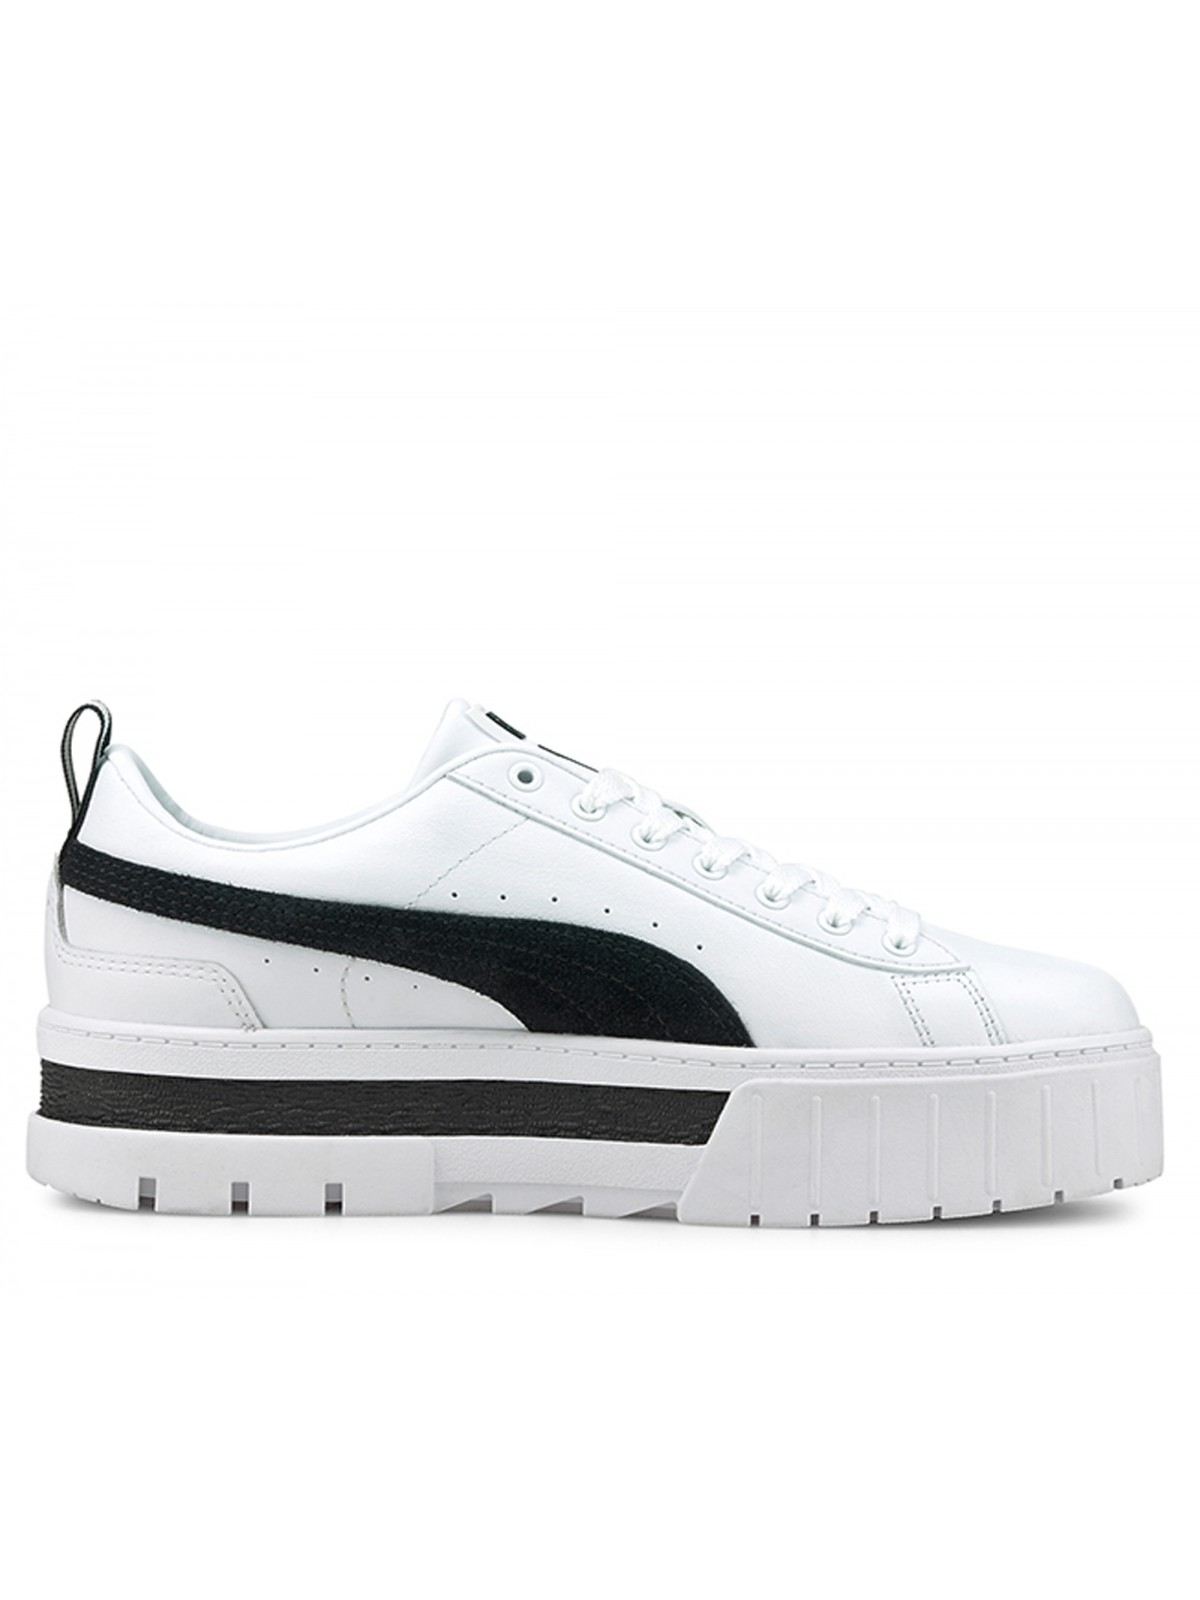 Puma Mayze cuir blanc / noir